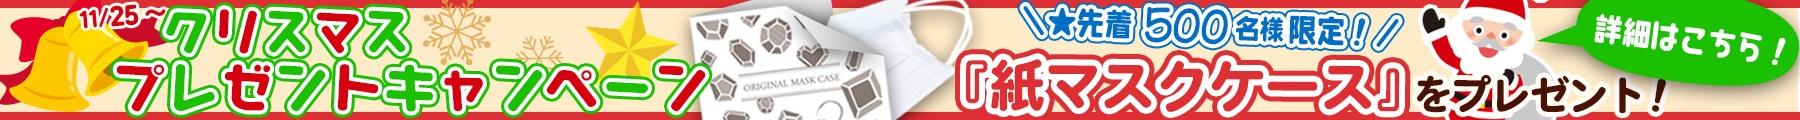 11/25〜 クリスマスプレゼントキャンペーン開催!先着500名様に紙製マスクケースをプレゼント!